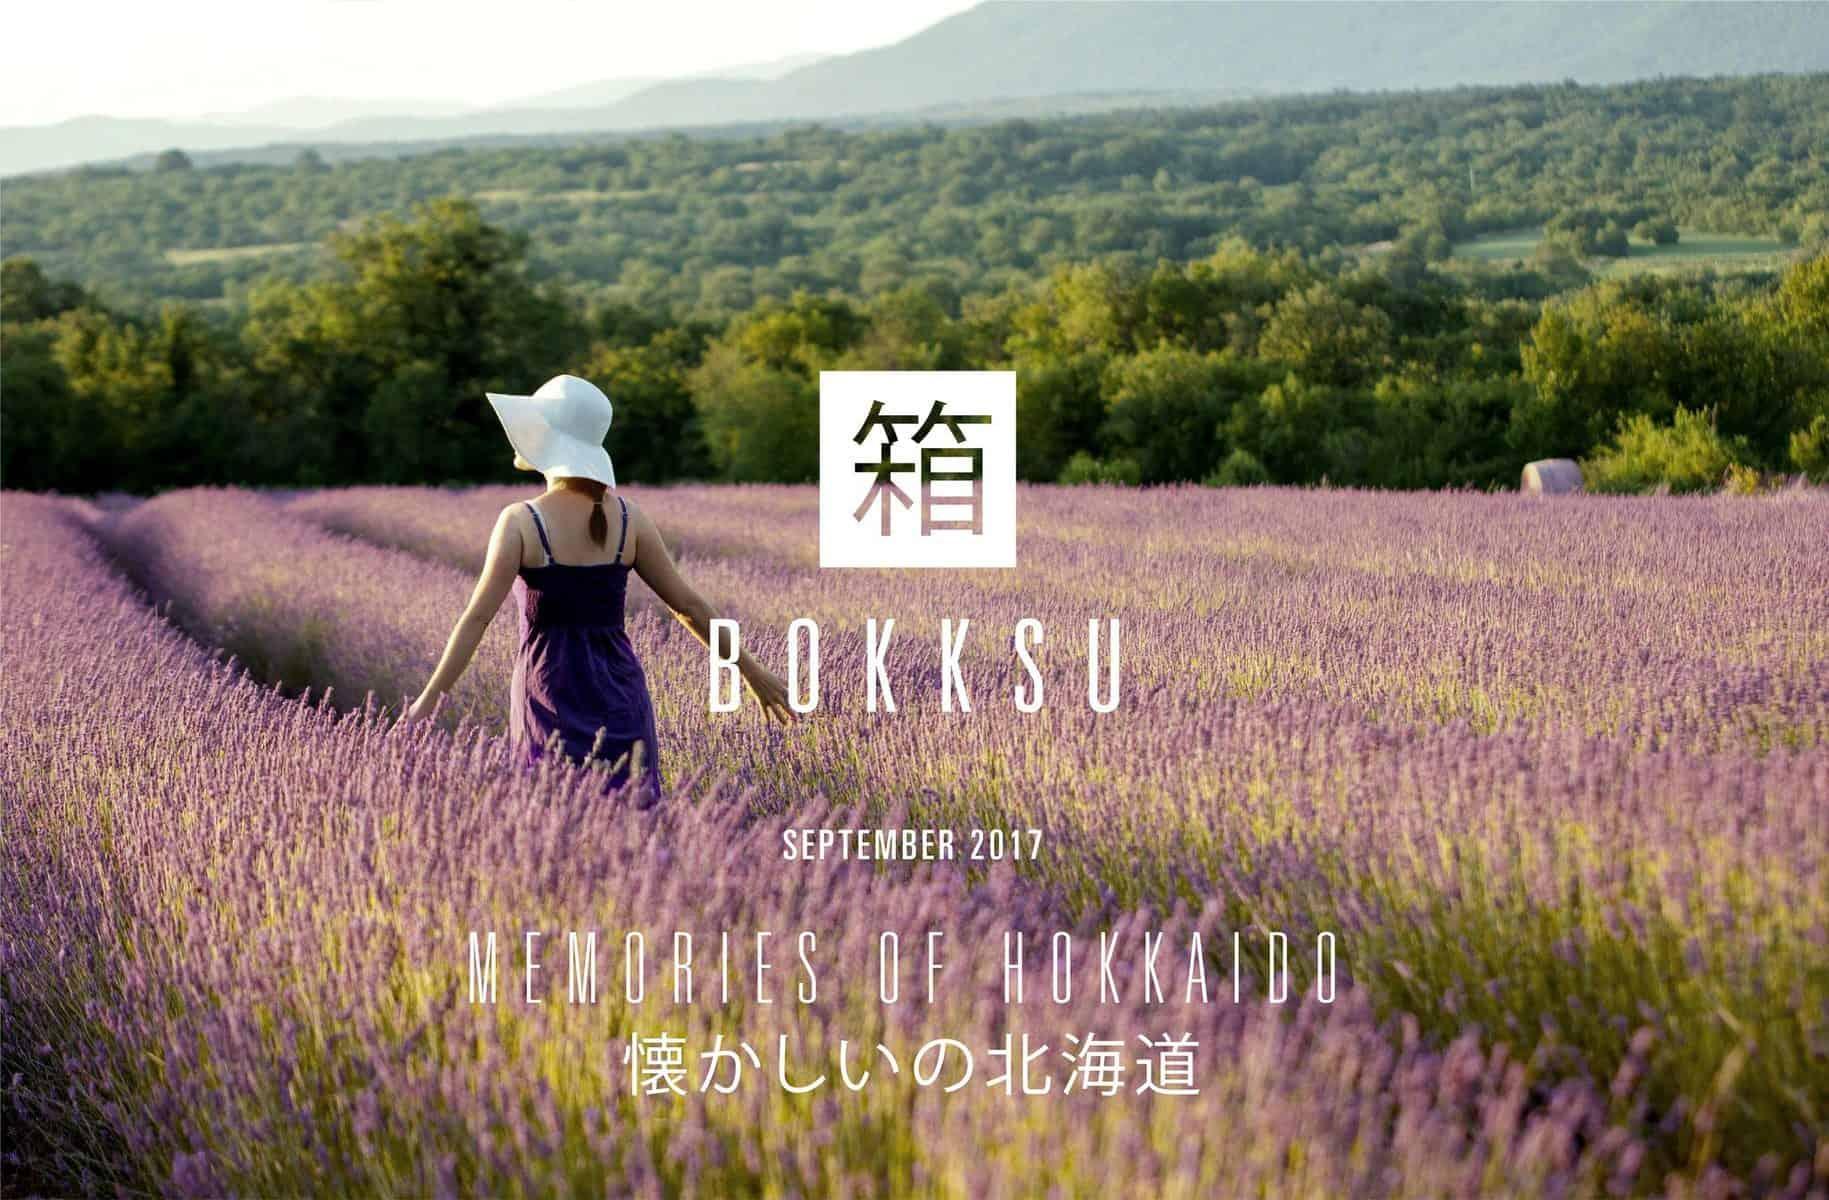 September 2017 Bokksu Theme - Memories of Hokkaido